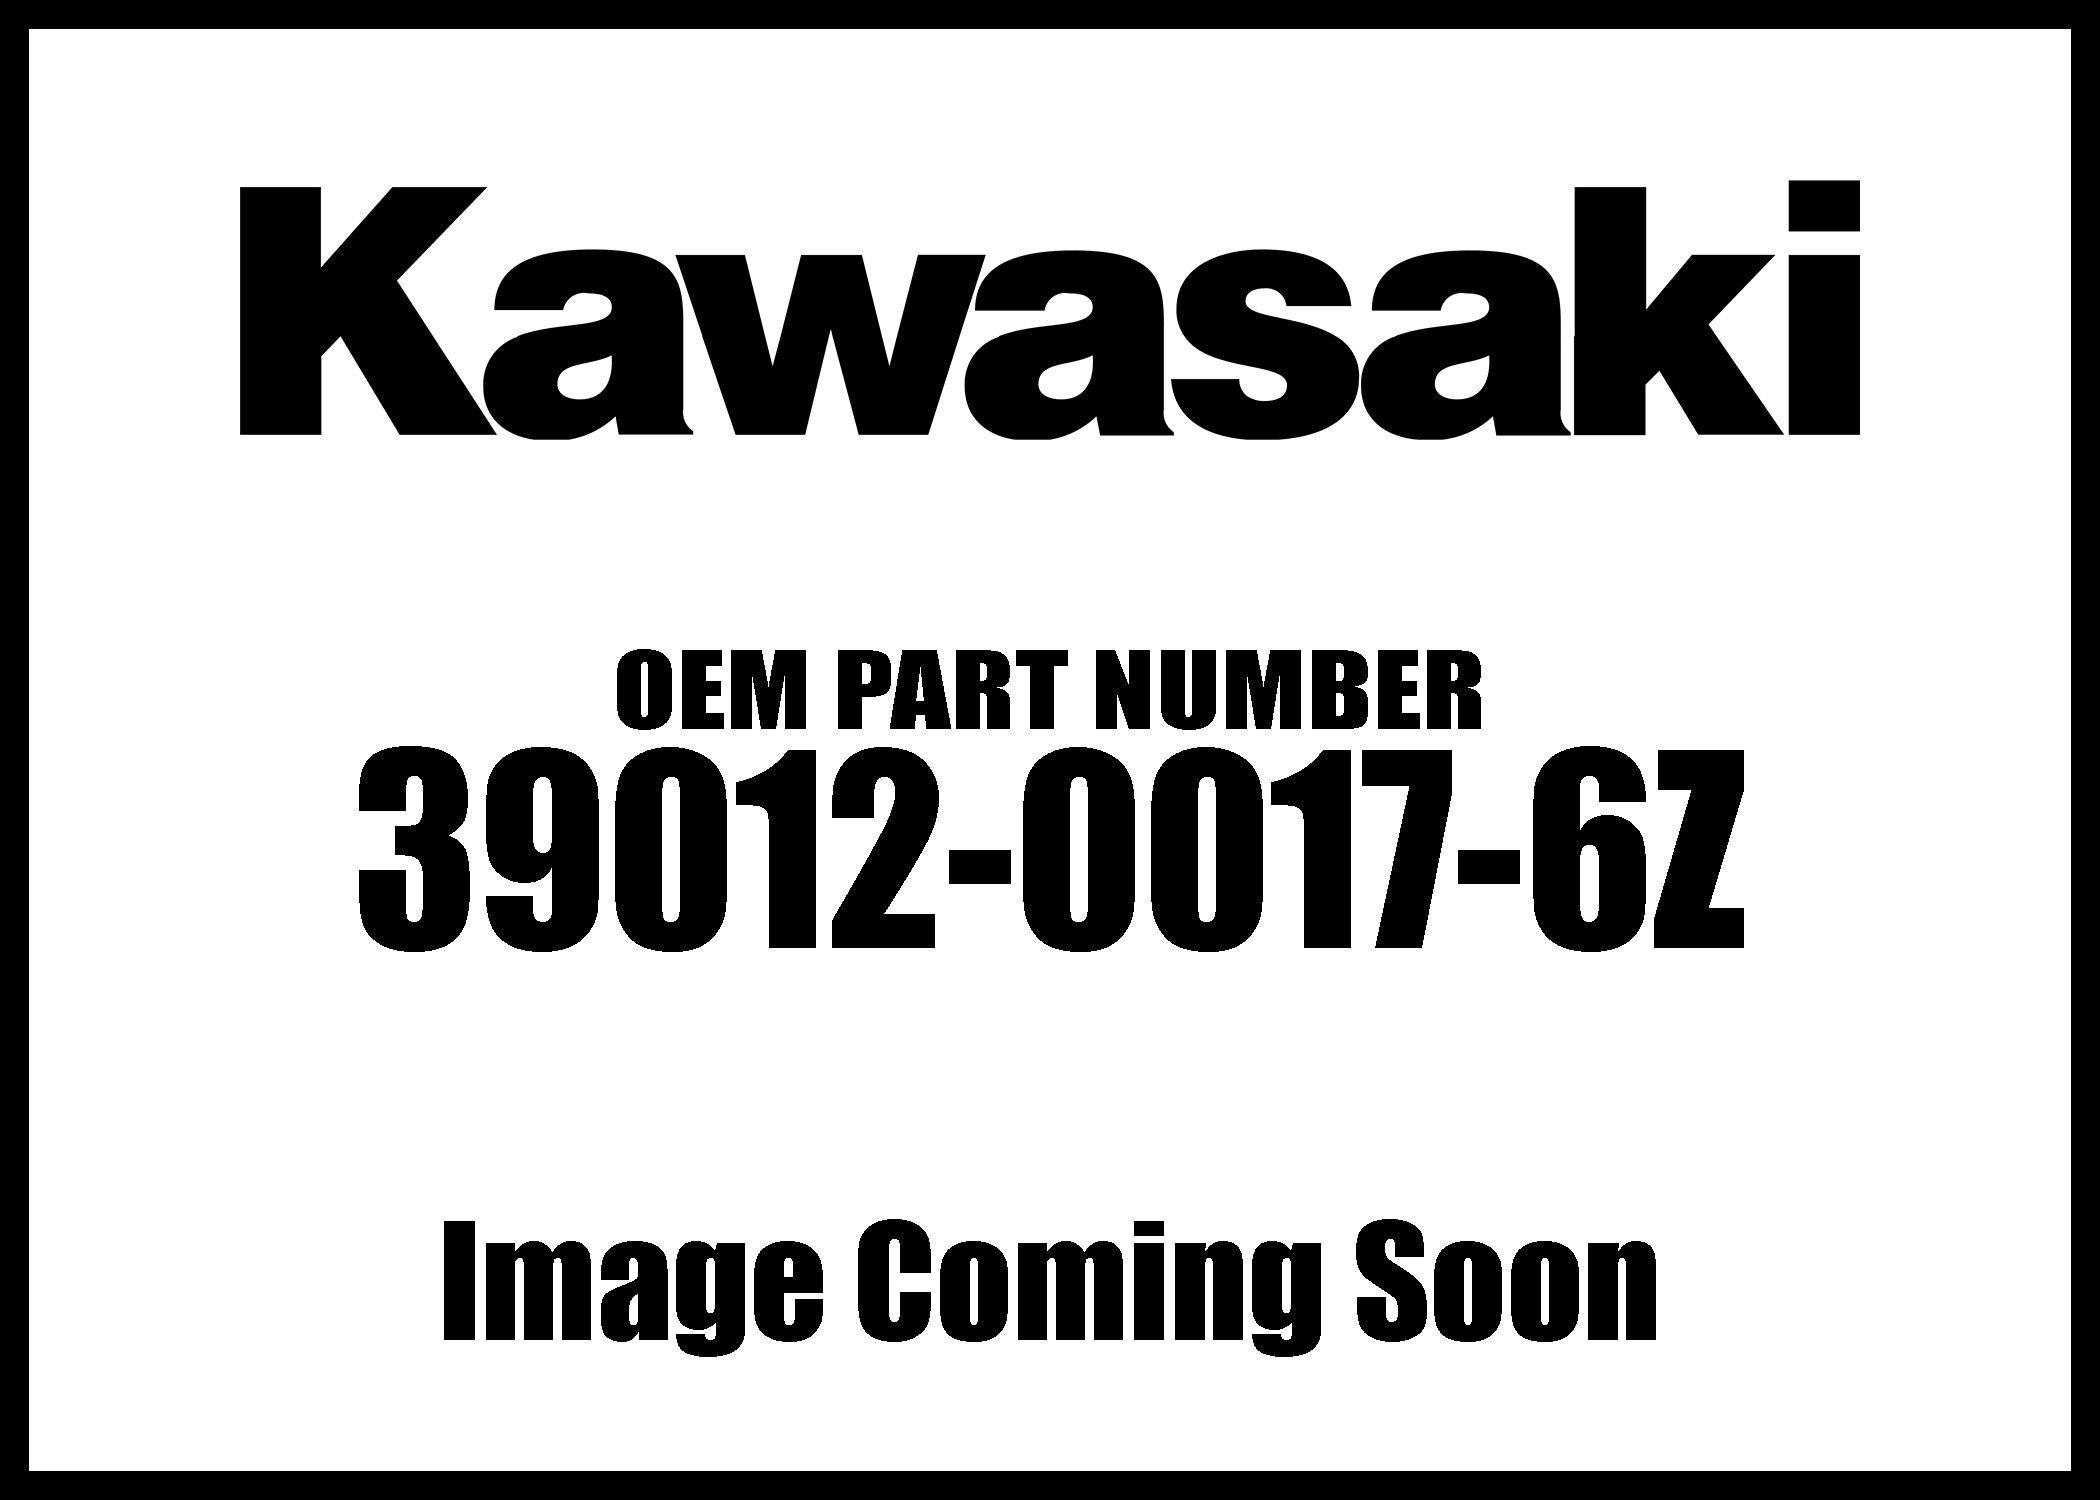 Kawasaki 2008-2013 Teryx 750 4X4 Teryx 750 Fi 4X4 Storage F Black Case 39012-0017-6Z New Oem